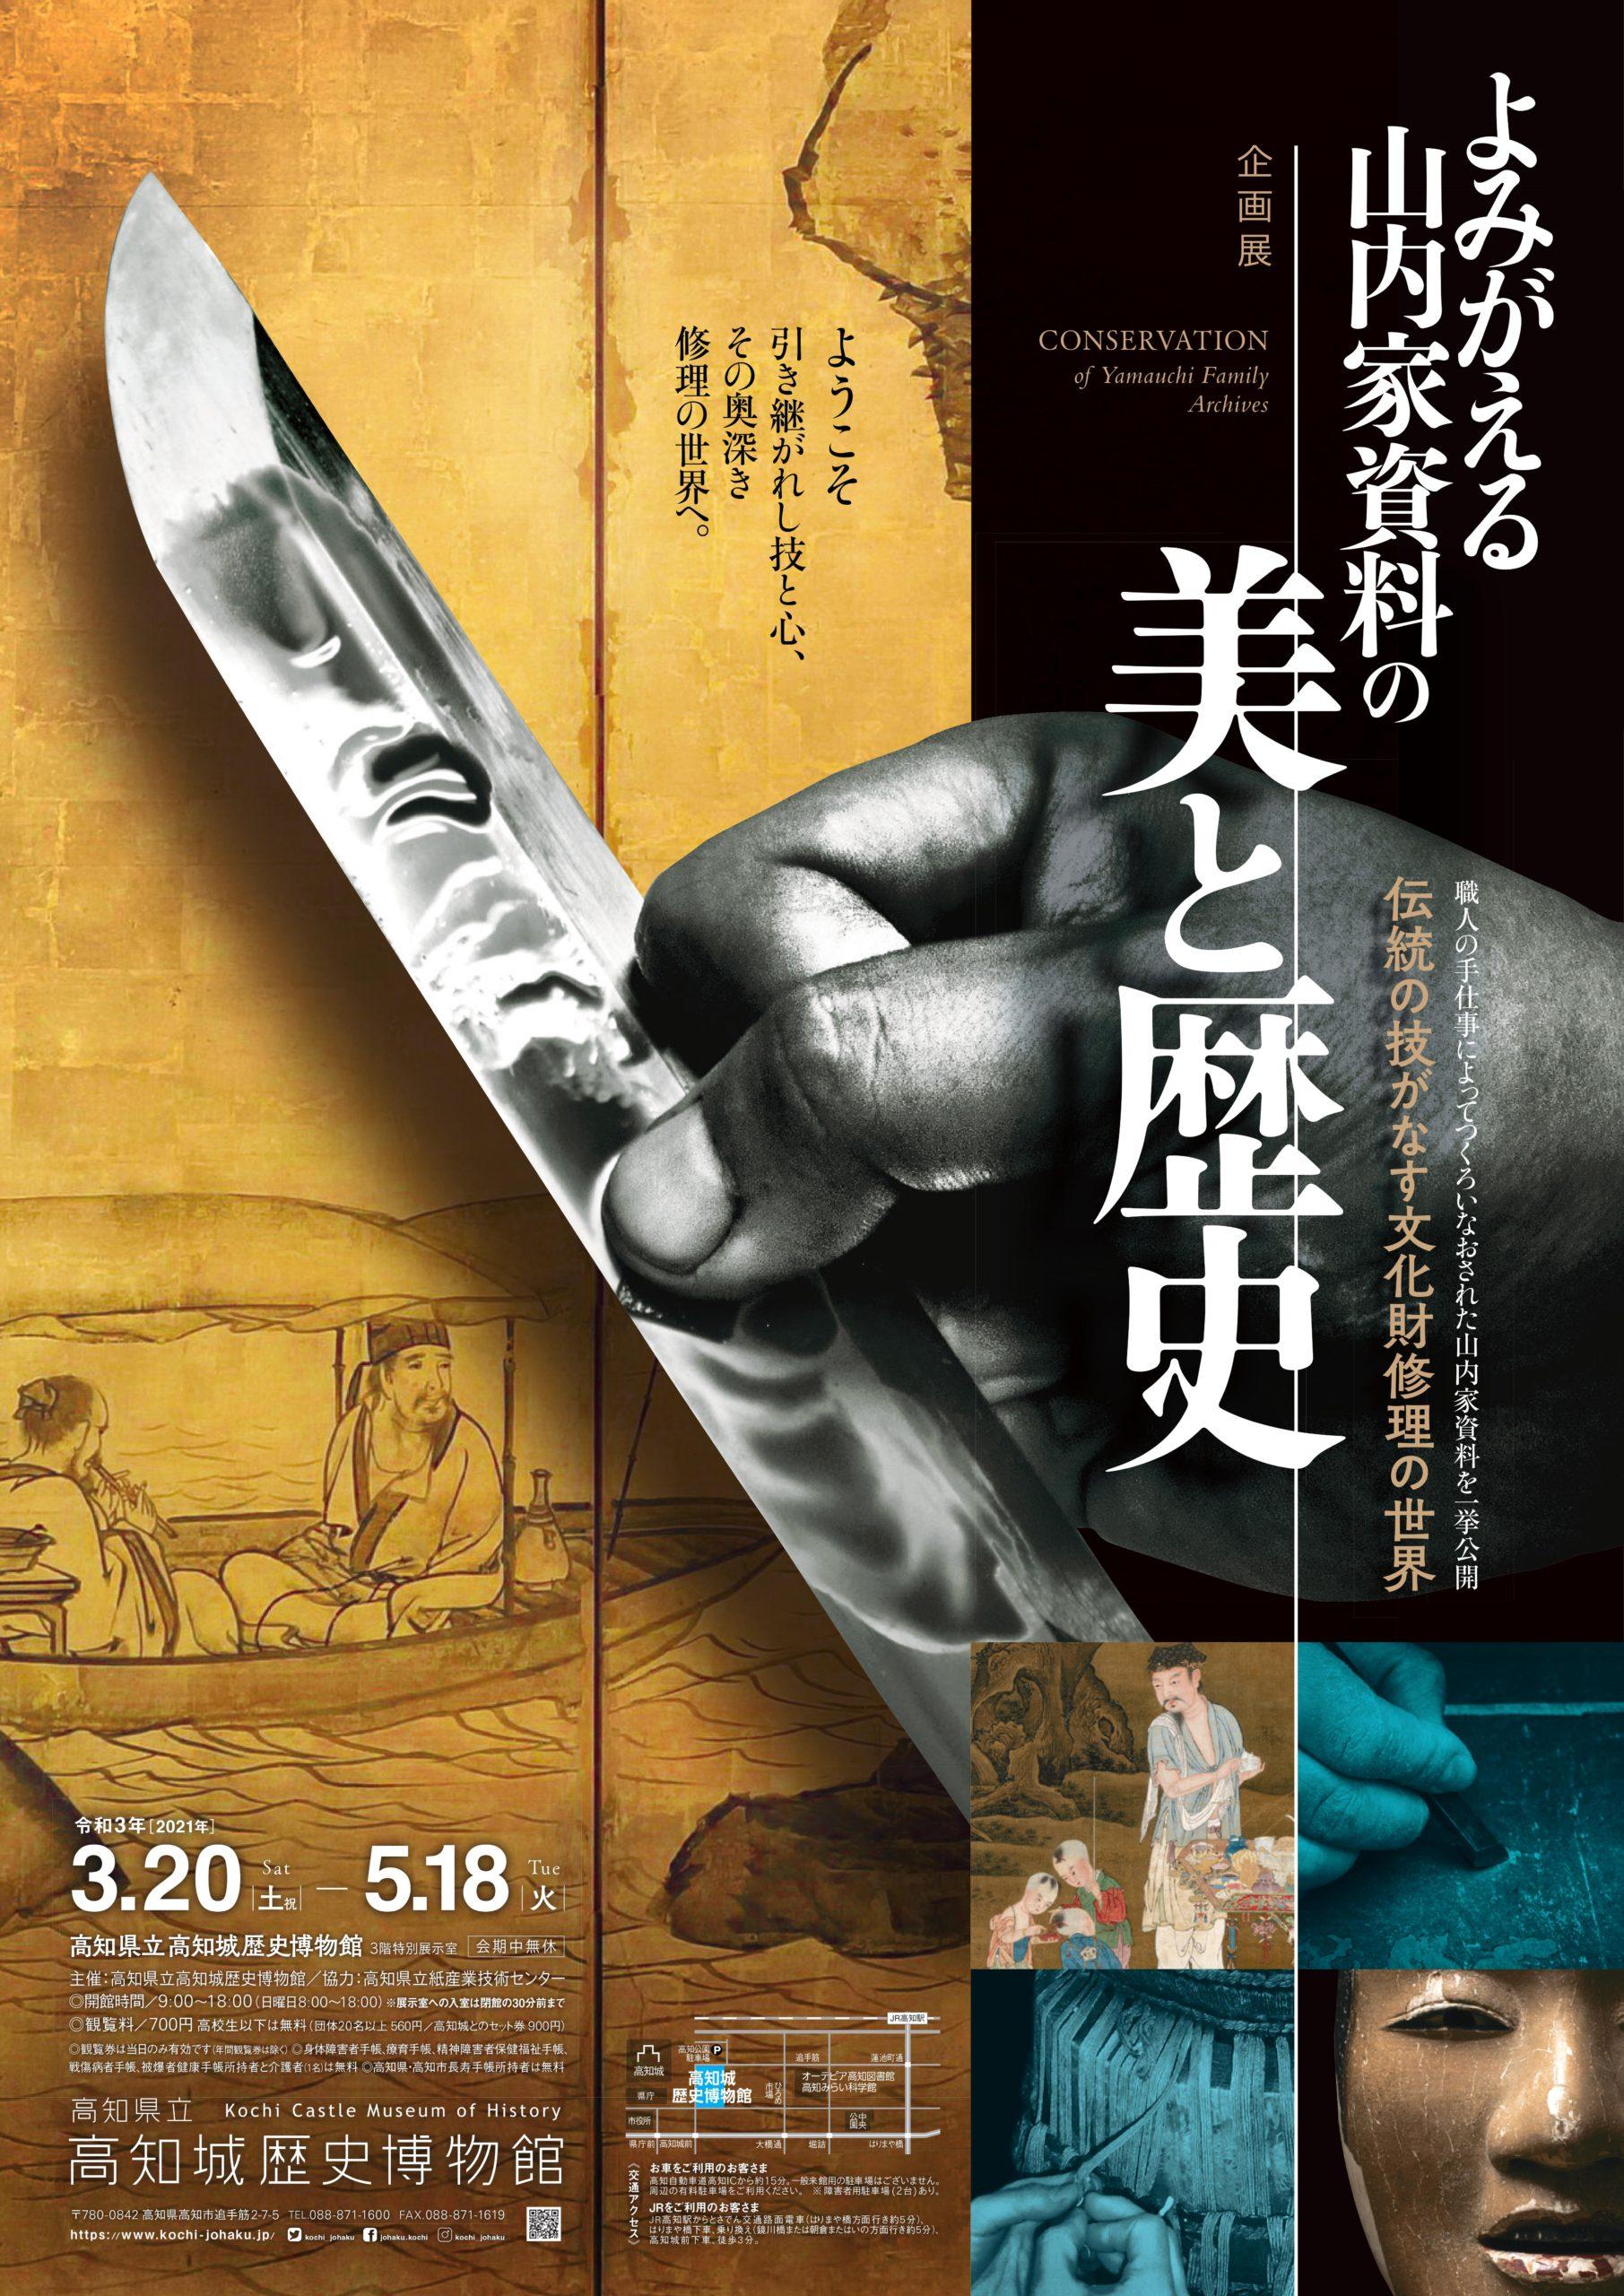 実演講座「研師の技 刀剣研磨の世界」